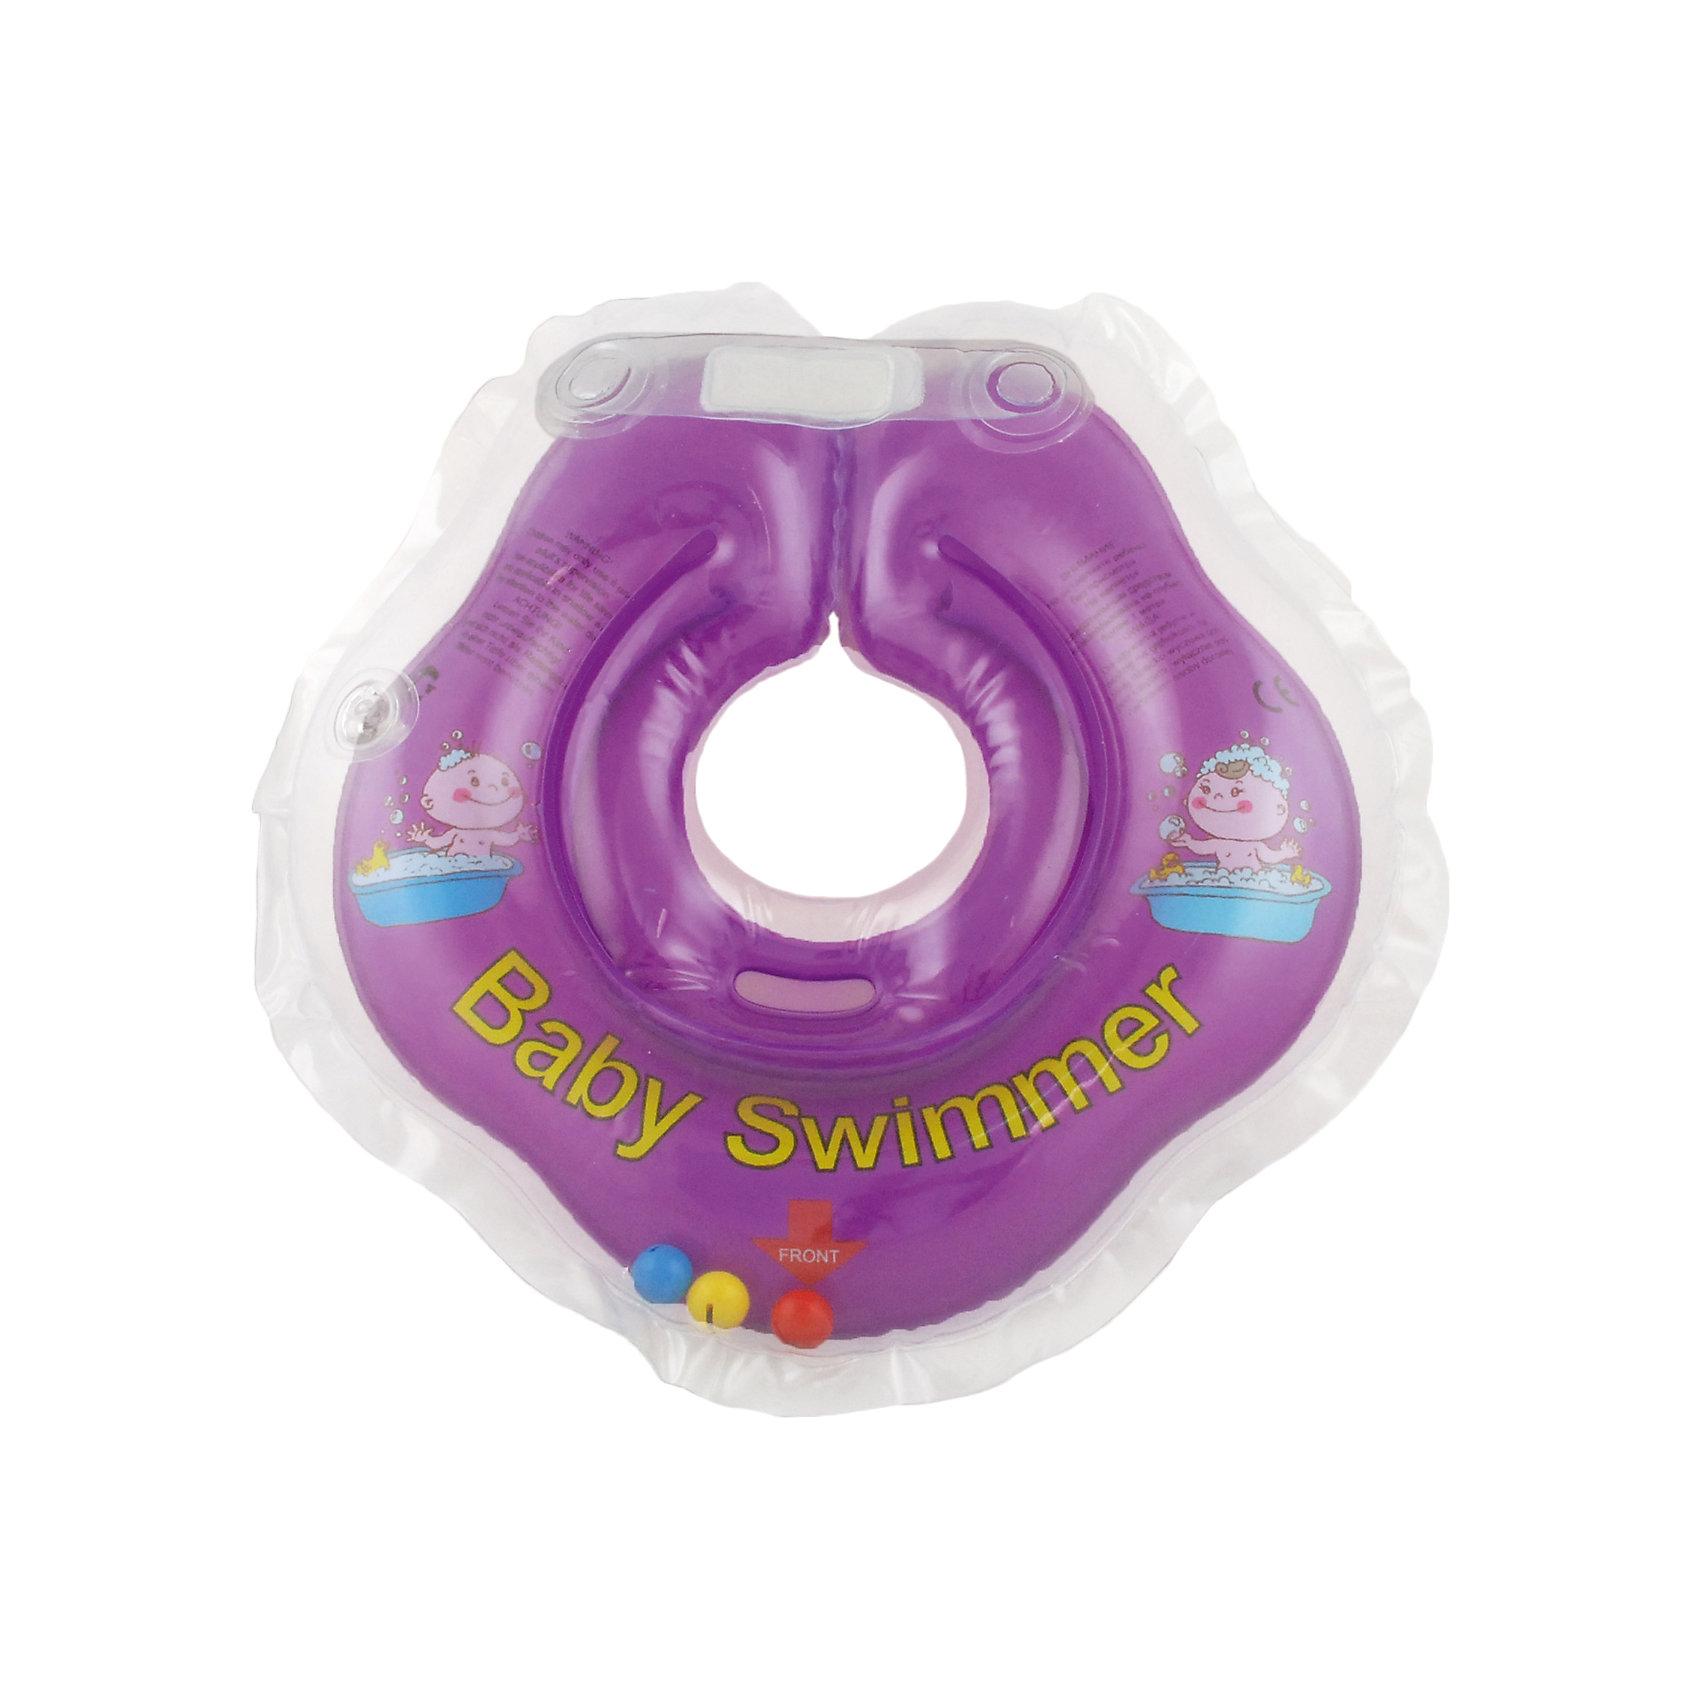 Круг для купания с погремушкой внутри BabySwimmer, фиолетовыйКруги для купания малыша<br>Круг для купания Baby Swimmer с погремушкой – улучшенная вариация классической одноименной модели. Отличительная особенность – погремушка внутри круга. Устройство обеспечит безопасность купания малыша, избавит  от страха воды и сделает водные процедуры веселой игрой. У круга есть устройство, поддерживающее подбородок, что позволит избежать проглатывание воды малышом. У круга яркие цвета, необычный дизайн и веселые картинки по бокам, которые понравится всем детям. Все материалы, использованные при разработке и изготовлении круга для купания безопасны для использования, отвечают всем требованиям экологичности и качества детских товаров, а так же гипоаллергенны.<br><br>Дополнительная информация:<br><br>модель: Baby Swimmer;<br>цвет: фиолетовый.<br><br>Круг для купания с погремушкой внутри Baby Swimmer можно приобрести в нашем магазине.<br><br>Ширина мм: 150<br>Глубина мм: 40<br>Высота мм: 150<br>Вес г: 140<br>Возраст от месяцев: 0<br>Возраст до месяцев: 24<br>Пол: Унисекс<br>Возраст: Детский<br>SKU: 4968102